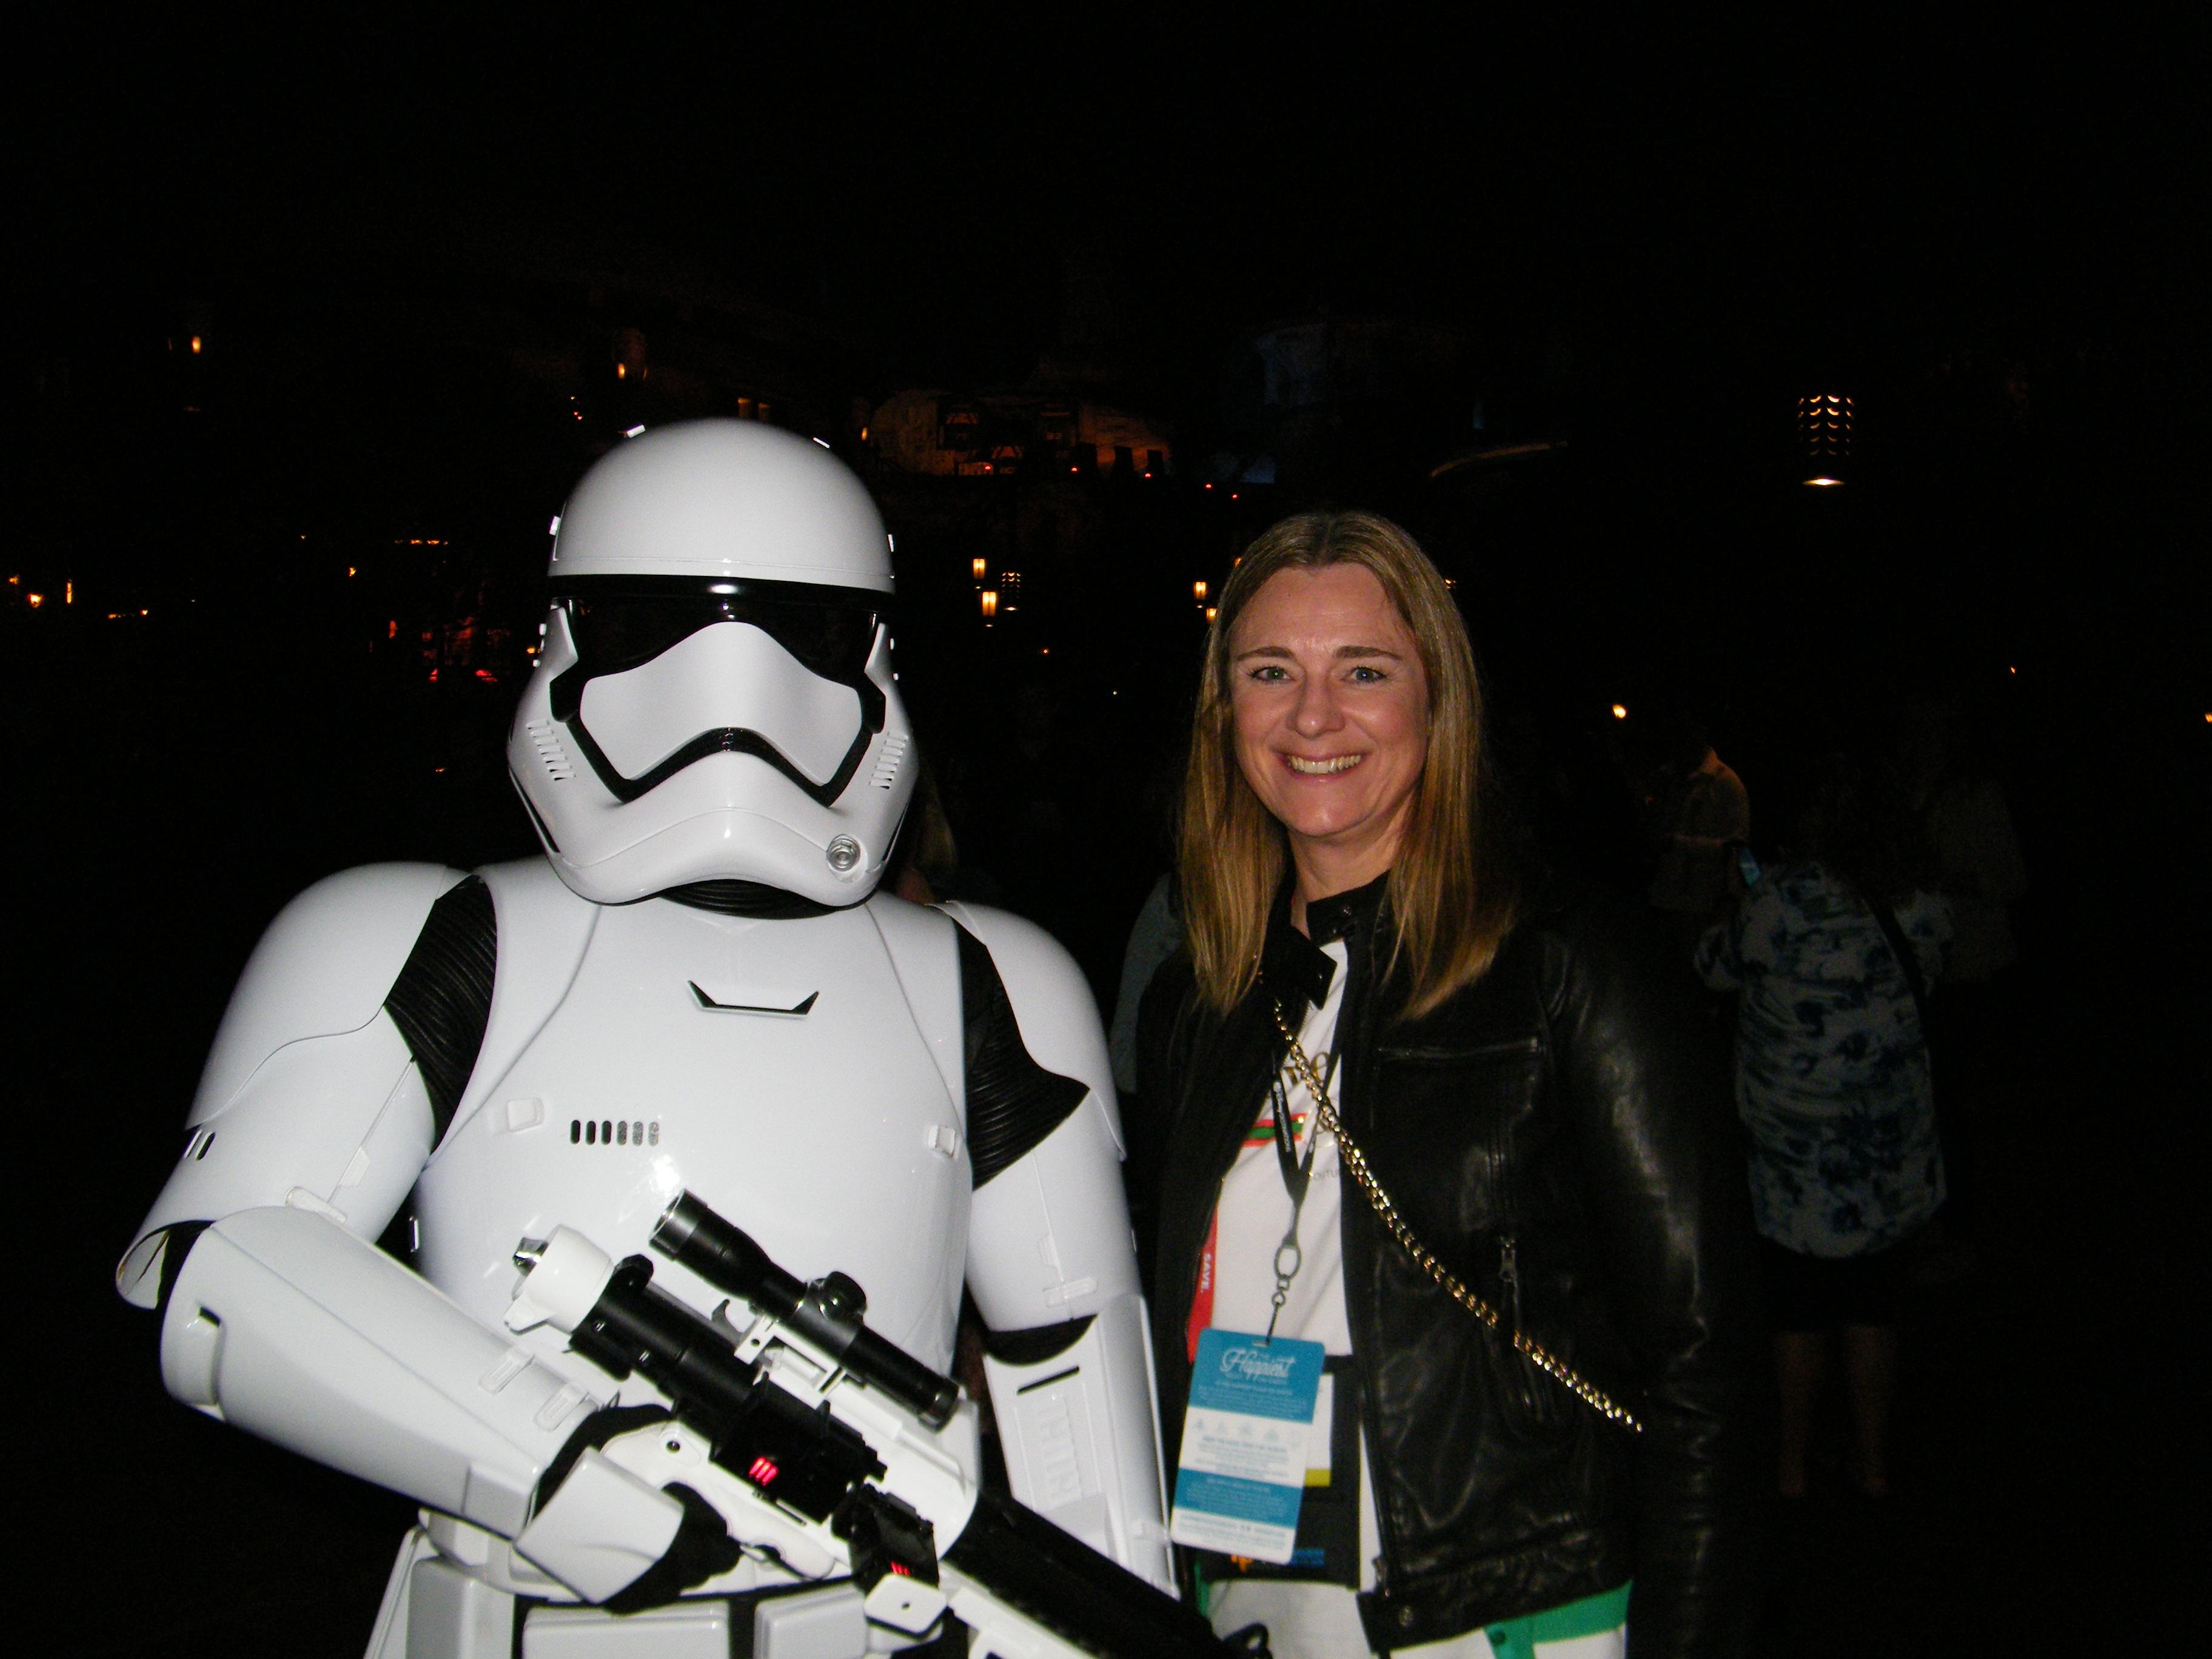 Årets International Pow Wow havde åbningsfest i Disneylands nyeste attraktion; den én milliard dollars dyre Star Wars: Galaxy's Edge, der åbnede i fredags. På billedet ses Katja Aunsbjørn, produktchef i rejsebureauet Danexplore fra Randers, med en af de berygtede stormtropper. Foto: Henrik Baumgarten.